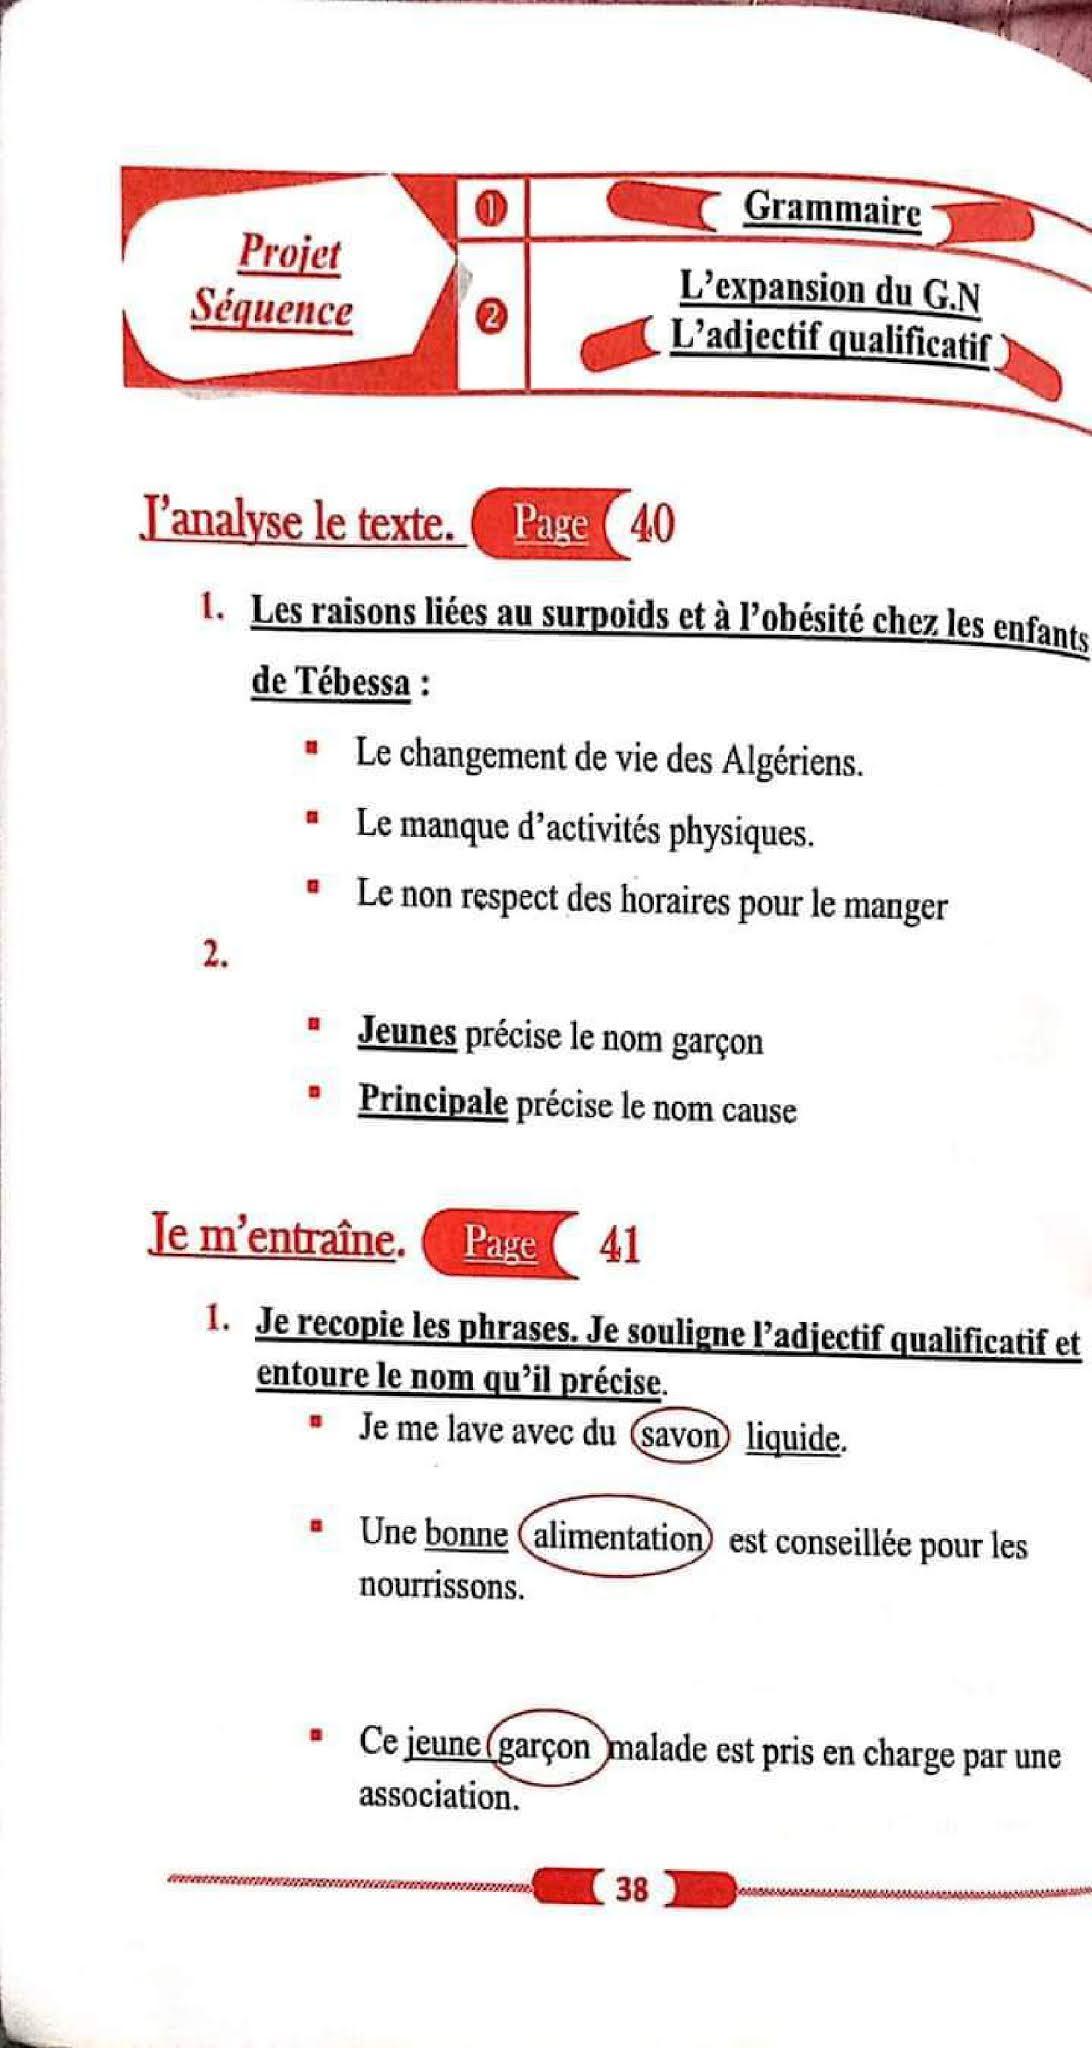 حل تمارين صفحة 40 الفرنسية 1 متوسط الجيل الثاني